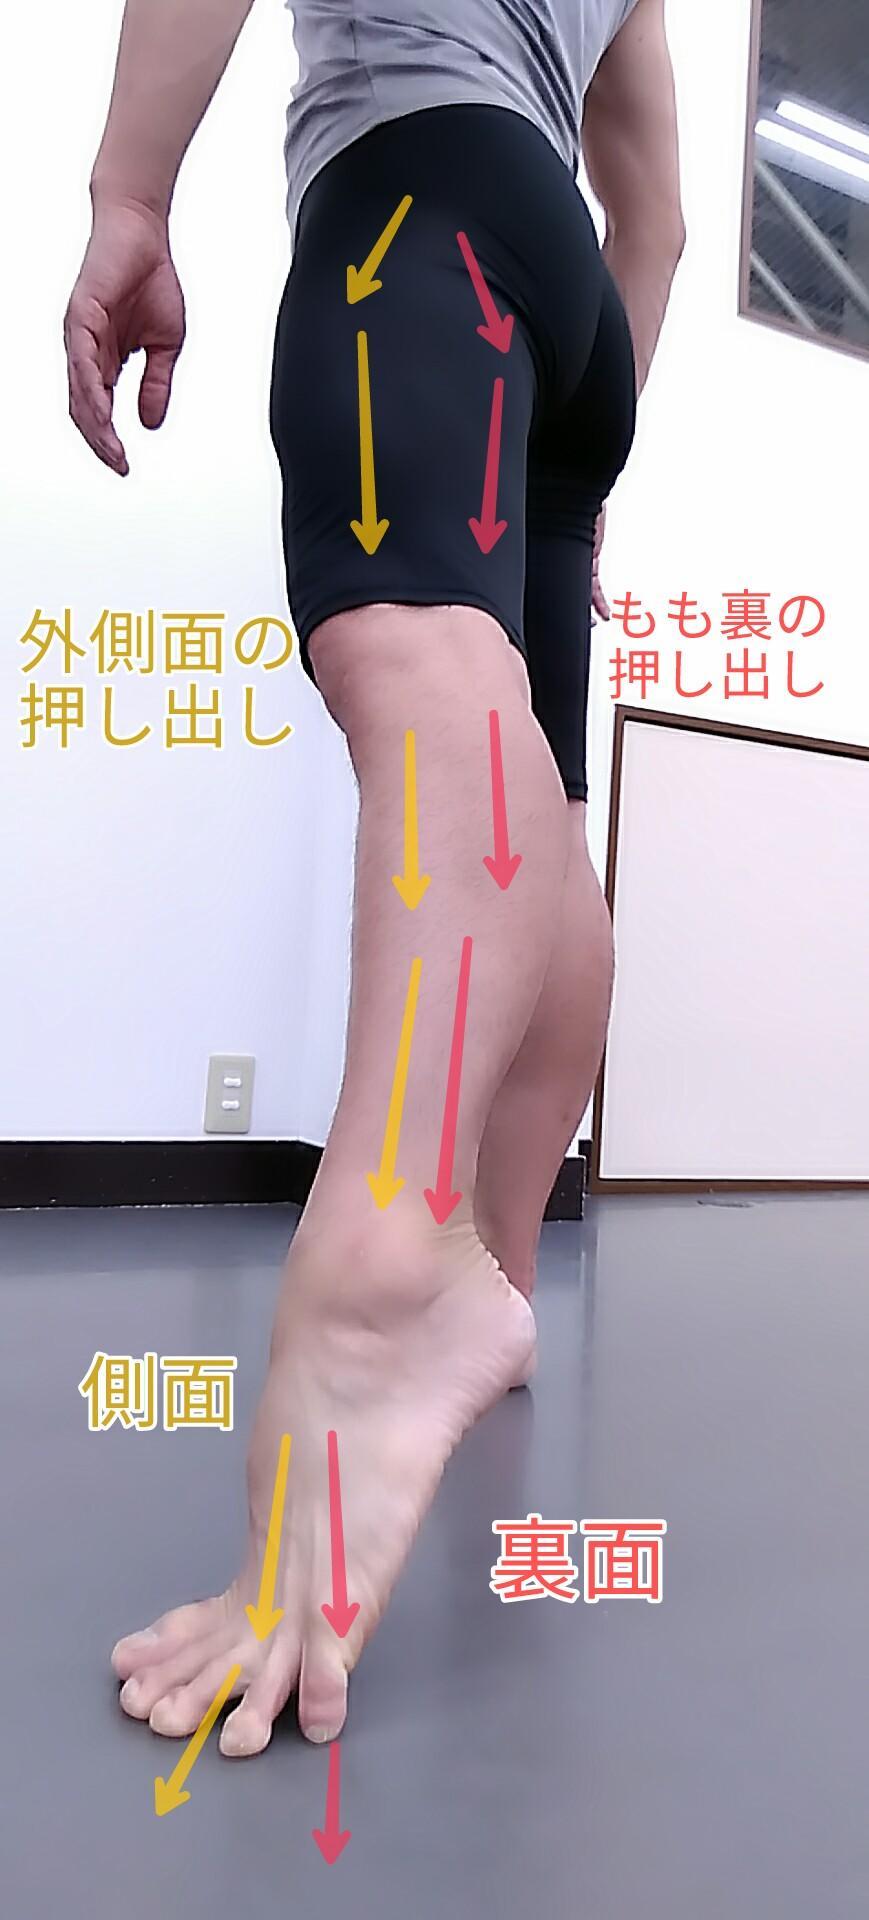 趾の押し引きと付け根2.jpg